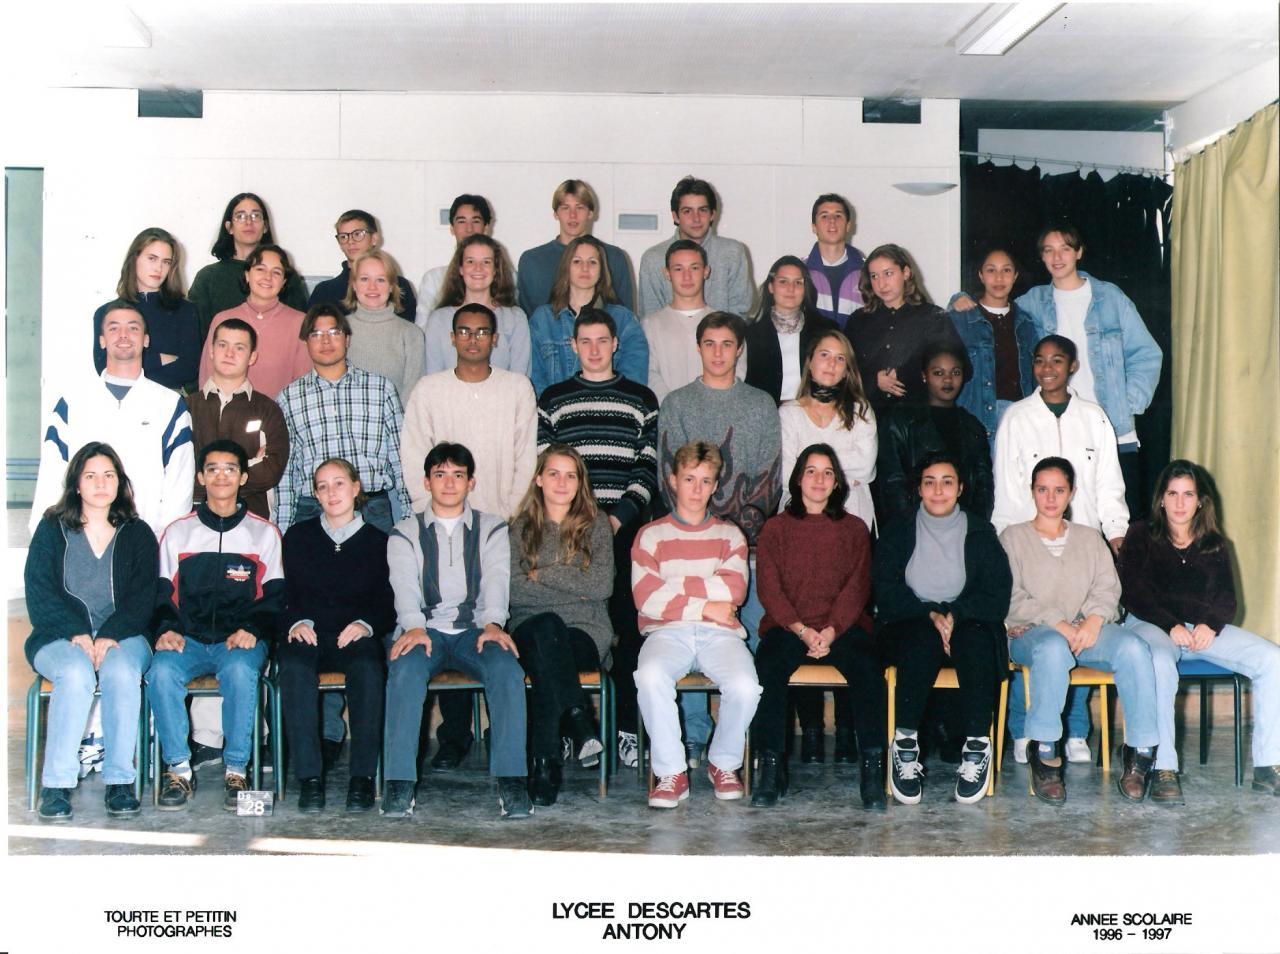 1997 - TACC - TOURTE